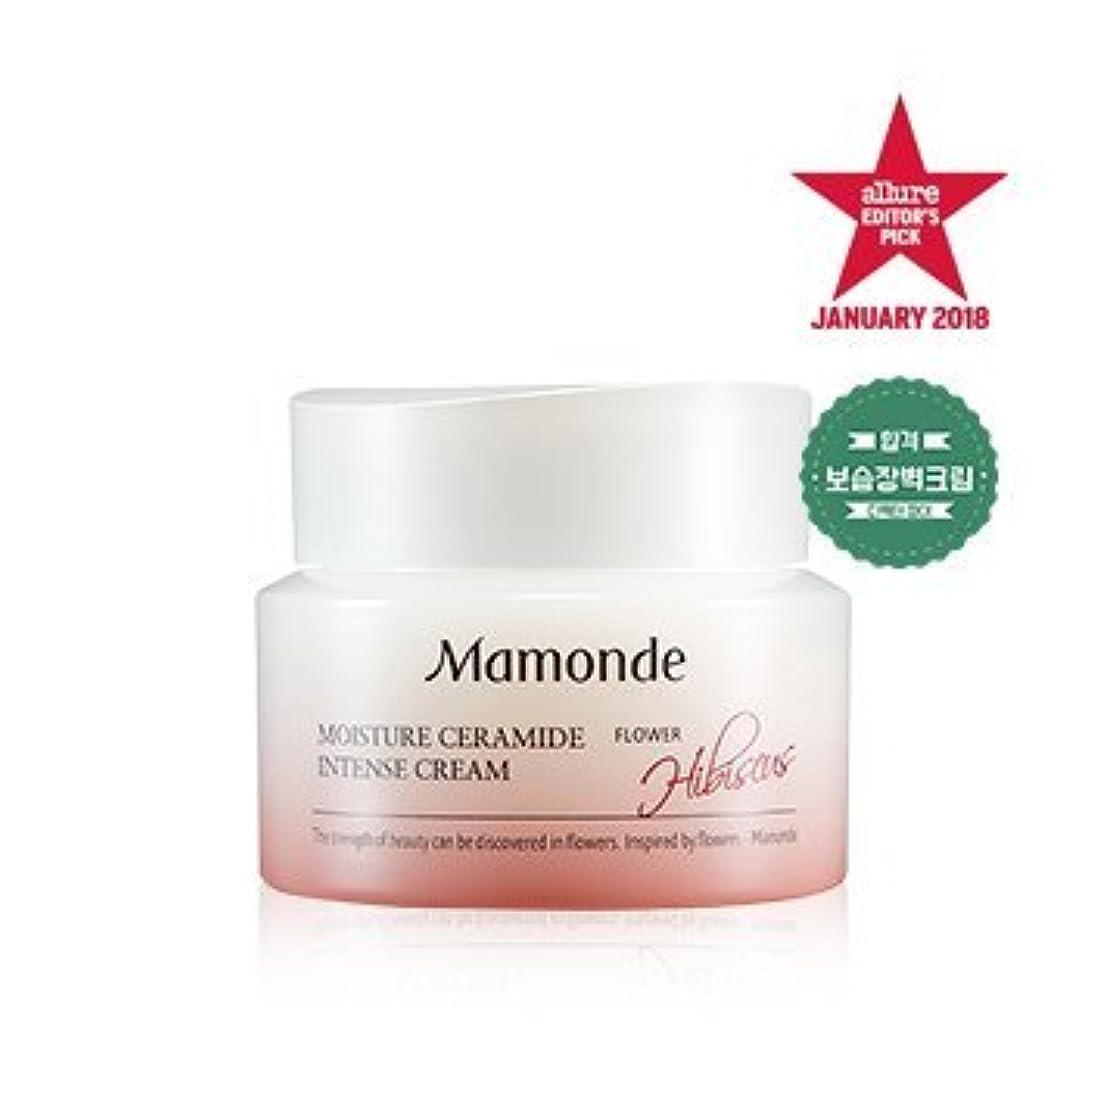 誇張する受け入れた引退する[MAMONDE] モイスチャーセラミドインテンシブクリーム / Moisture Ceramide Intense cream 50ml [並行輸入品]